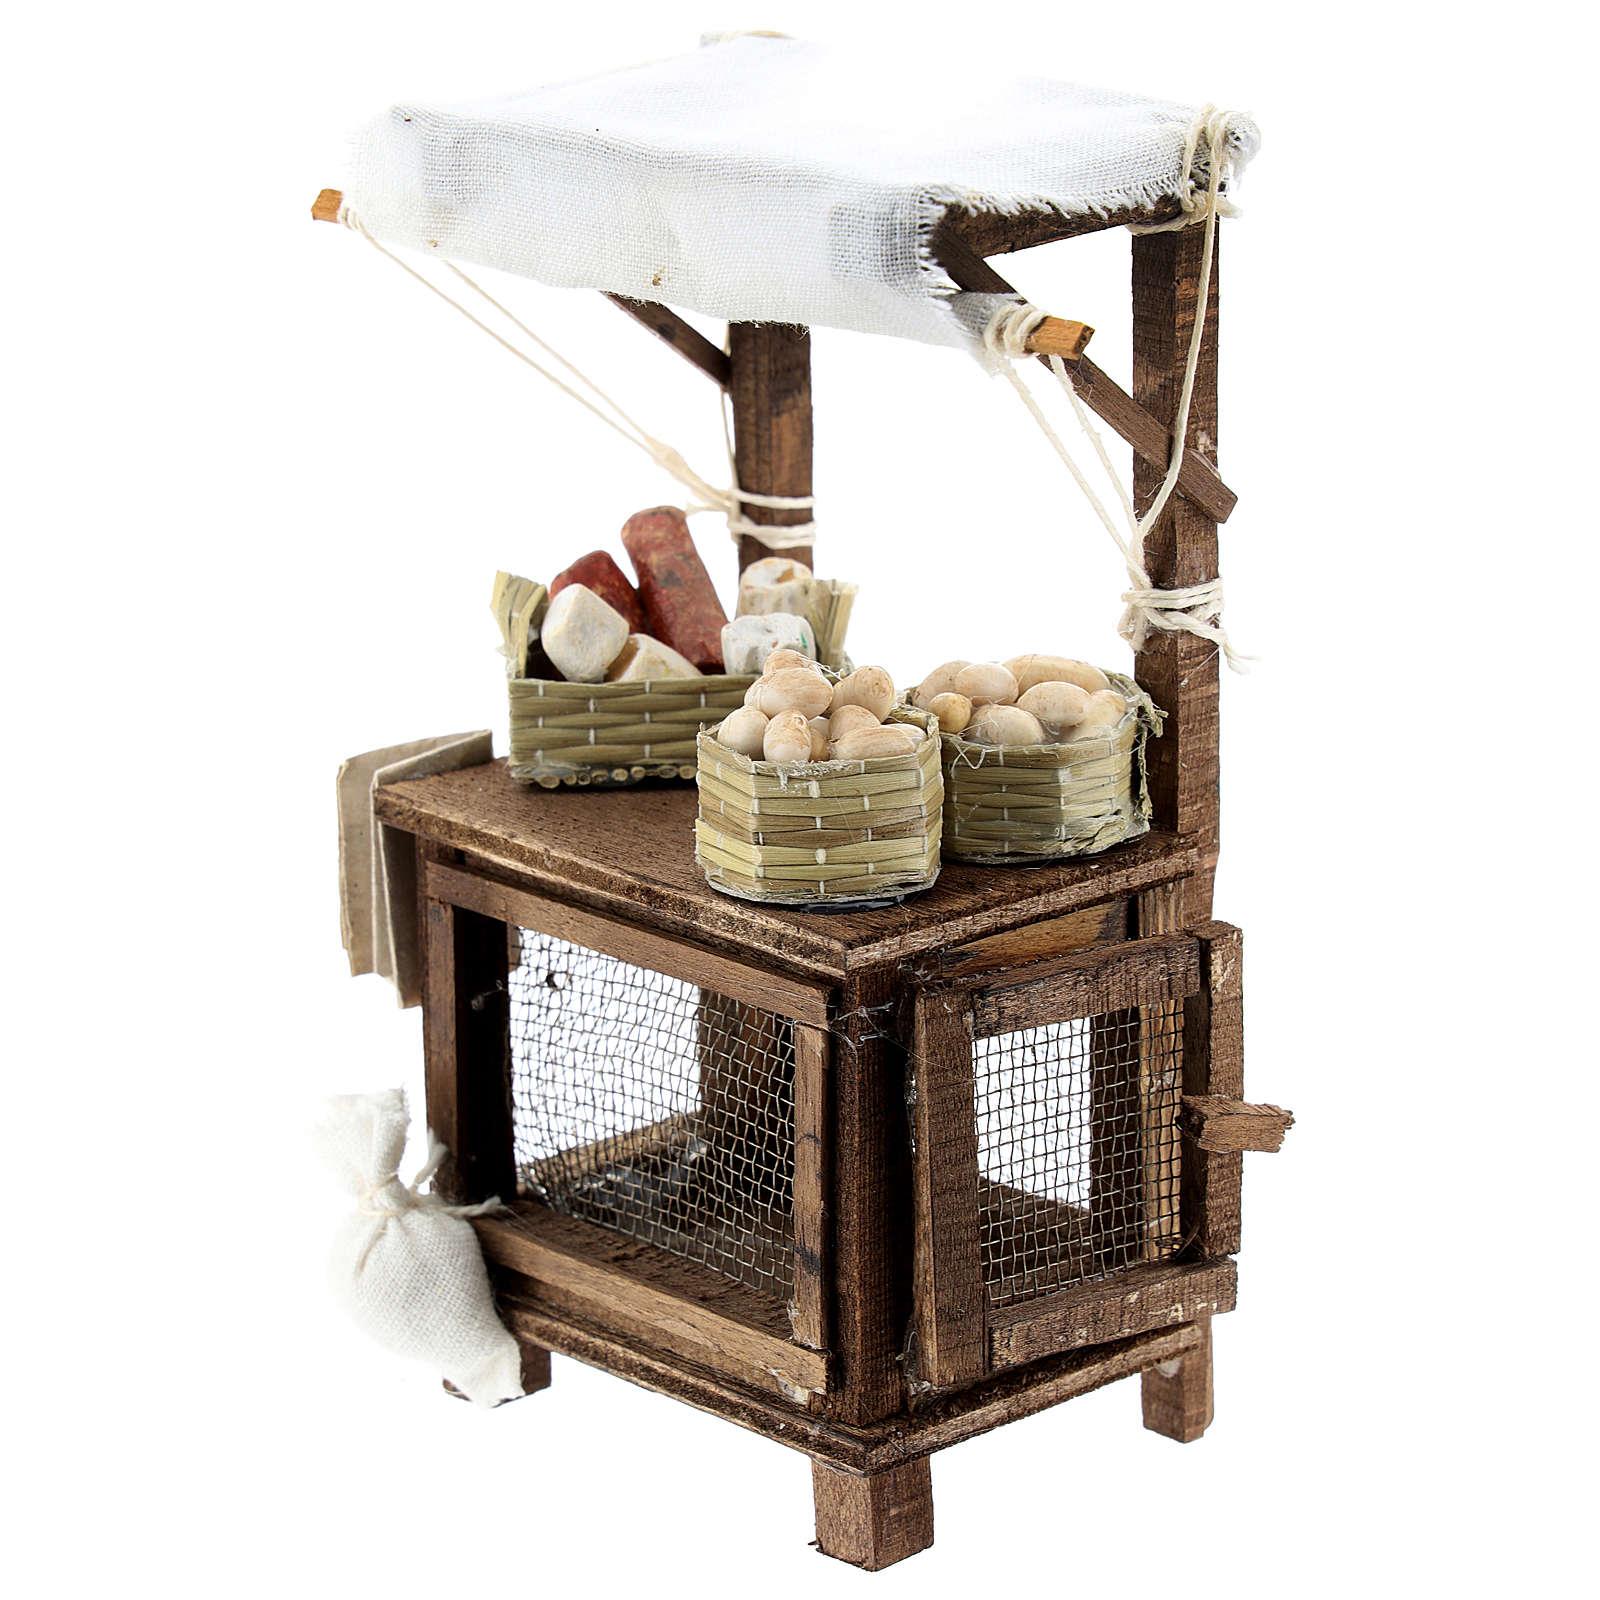 Banco venditore di uova per presepe napoletano di 6-8 cm 4